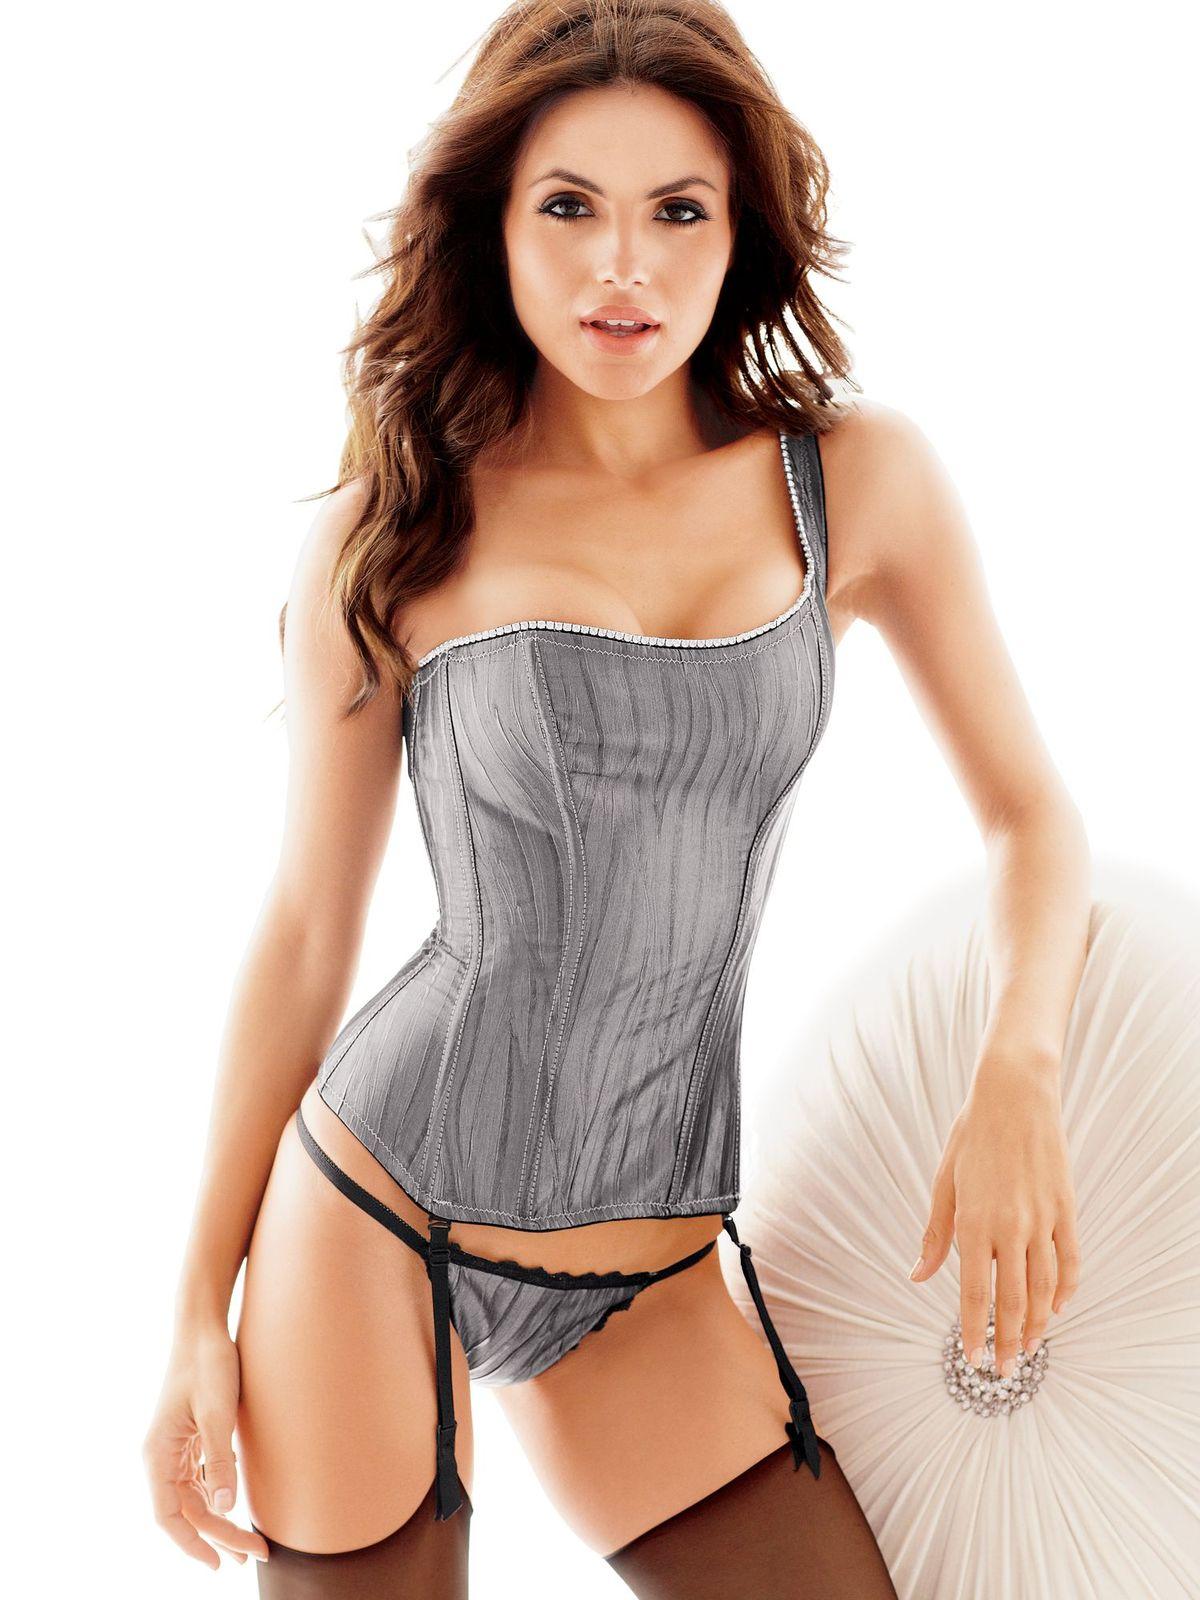 Diana Morales Nude Photos 36